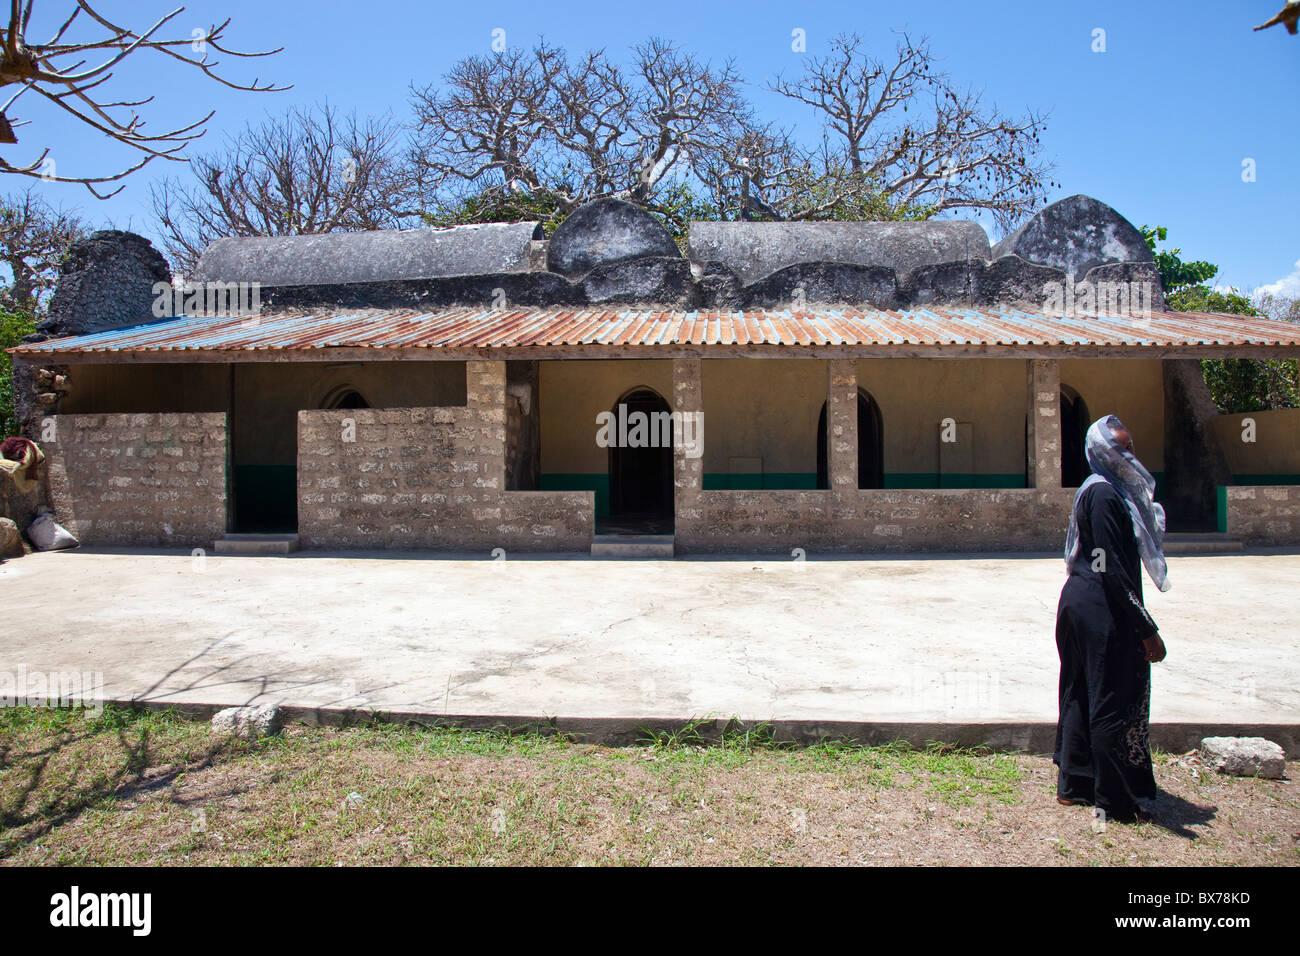 Kongo Mosque, Diani, Kenya - Stock Image